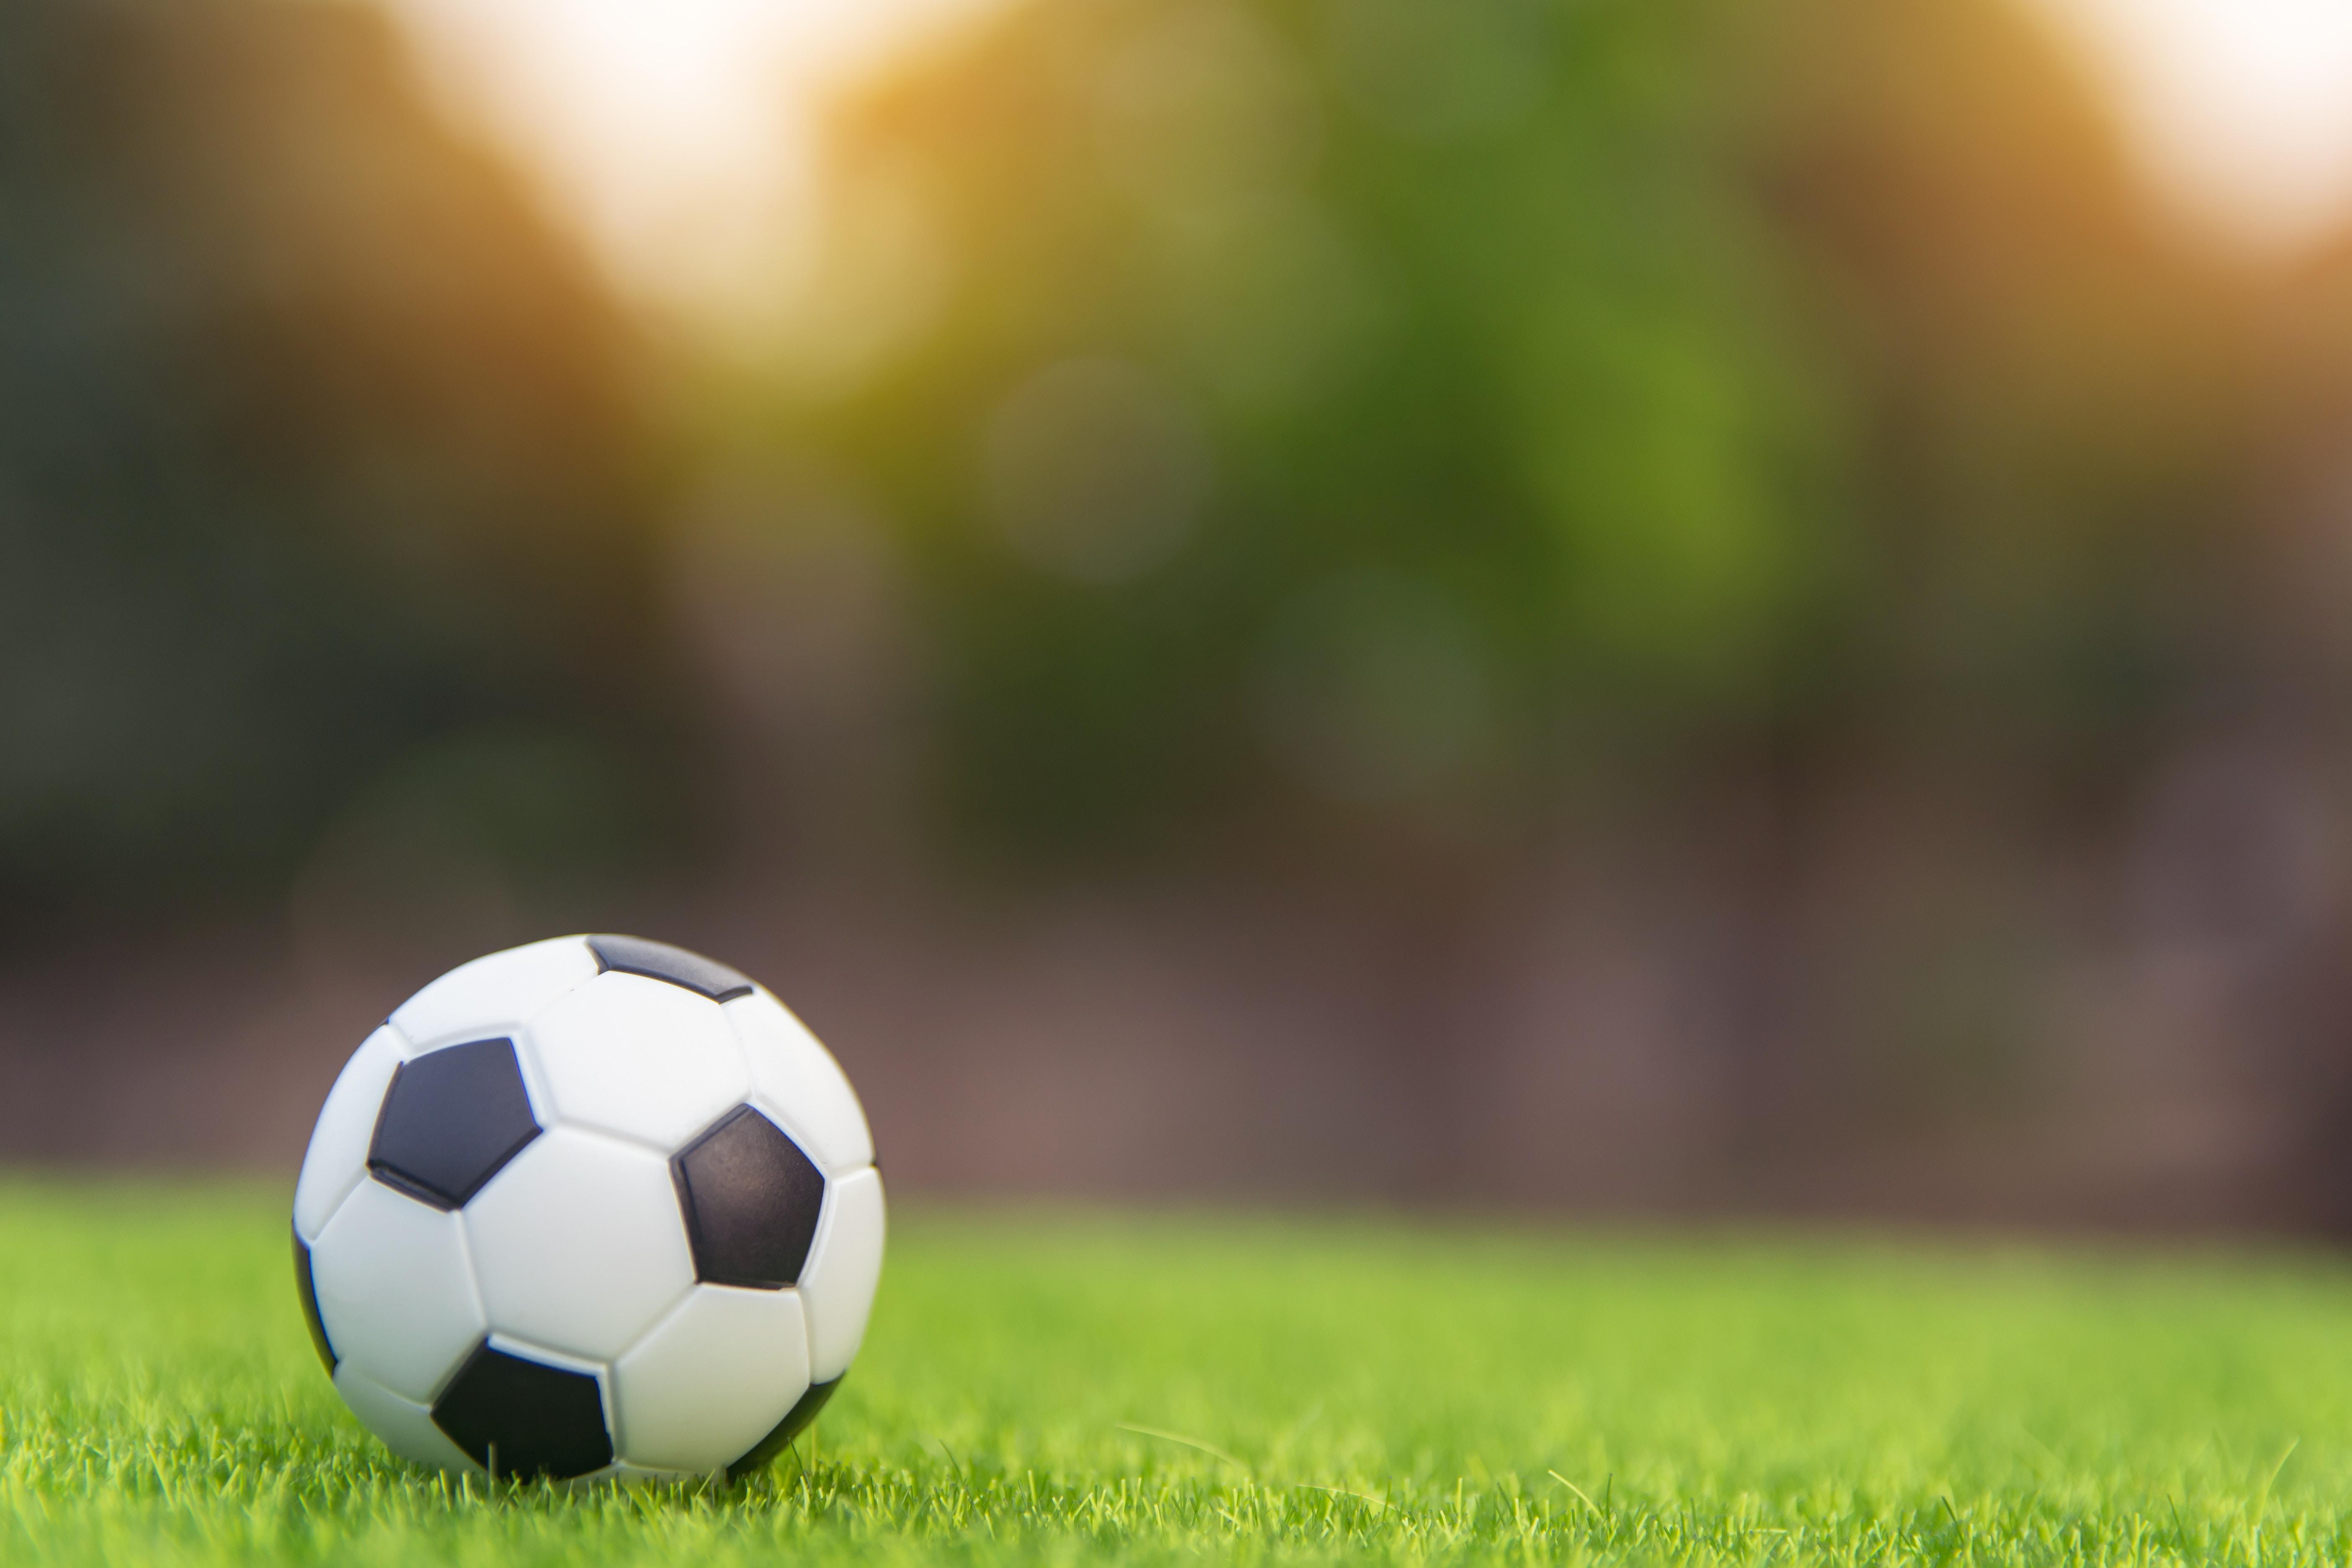 Die Grüntal unterstützt die Jugend des SV Heckinghausen